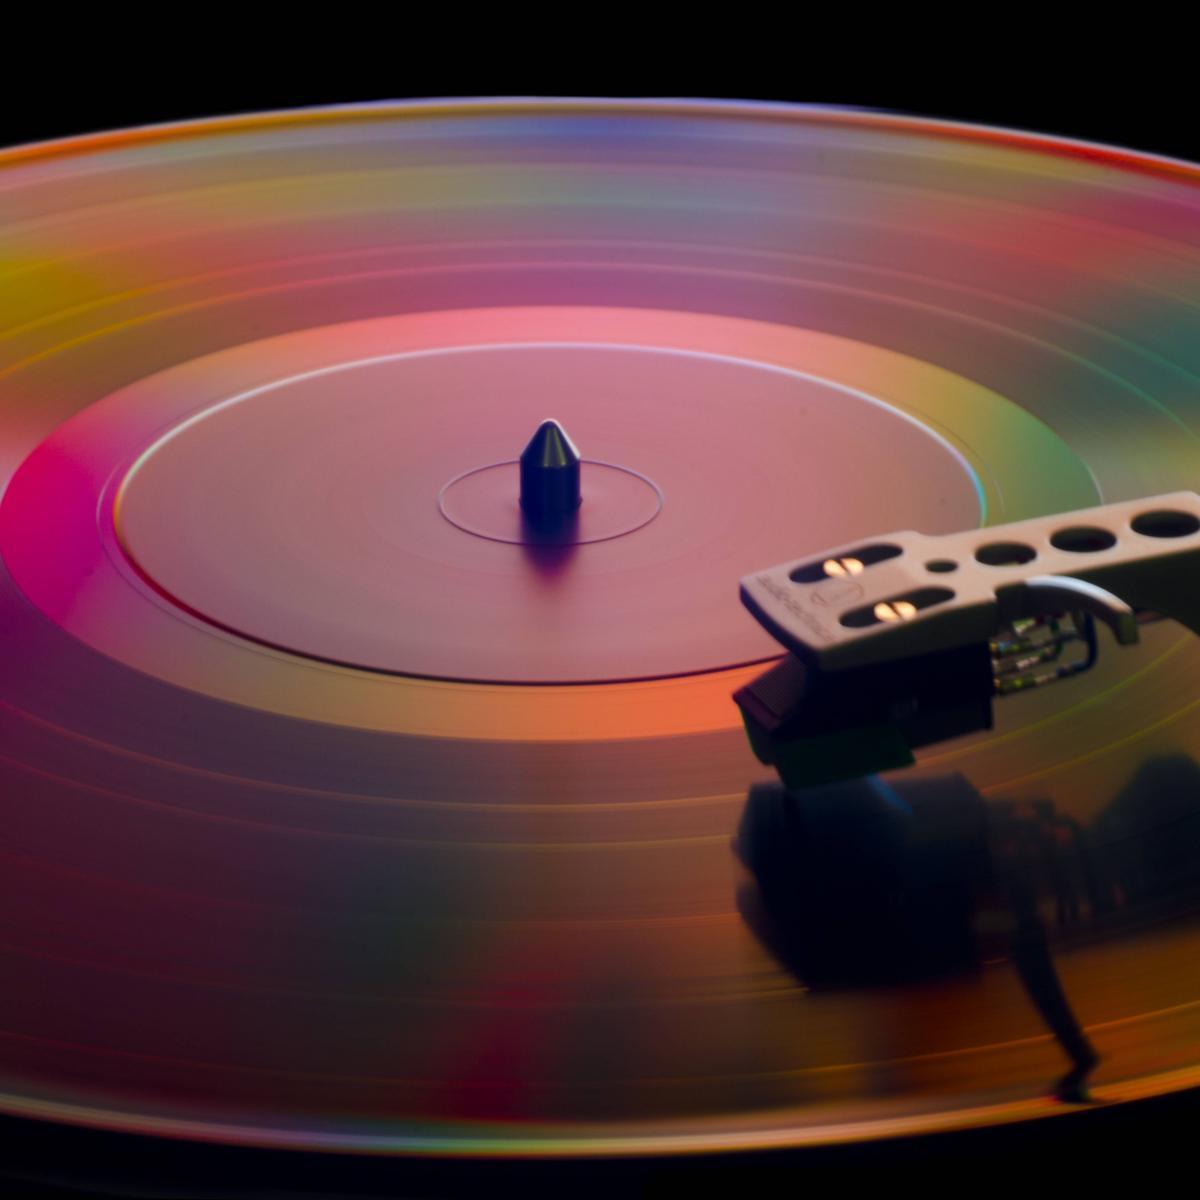 Spinning vinyl record